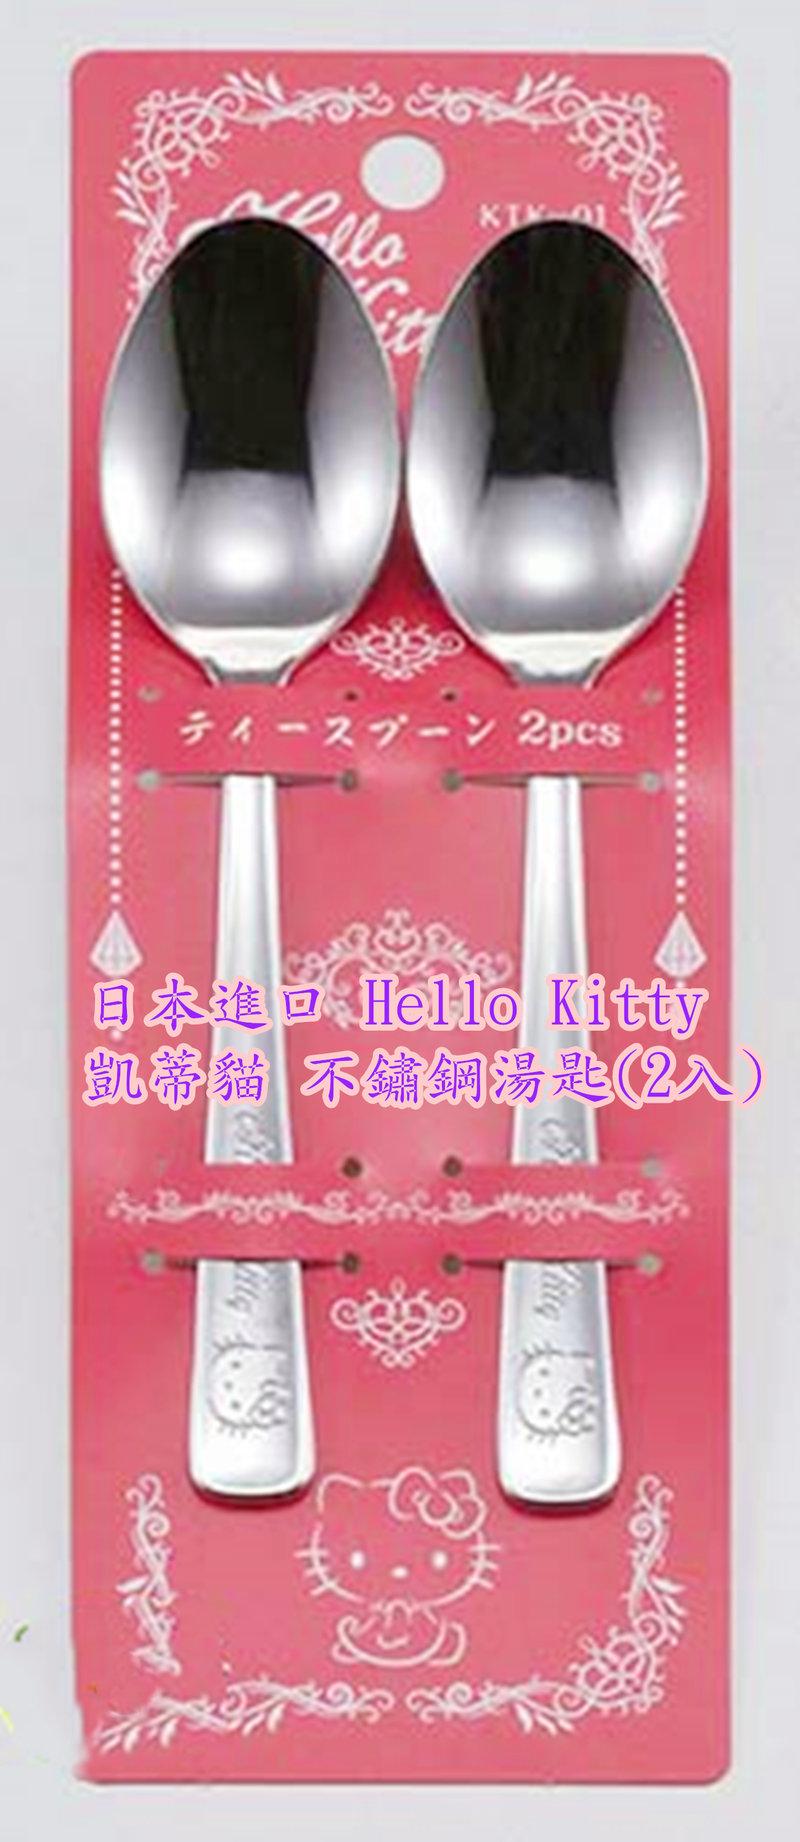 日本進口 經典KT蒂貓 不鏽鋼湯匙組-桃